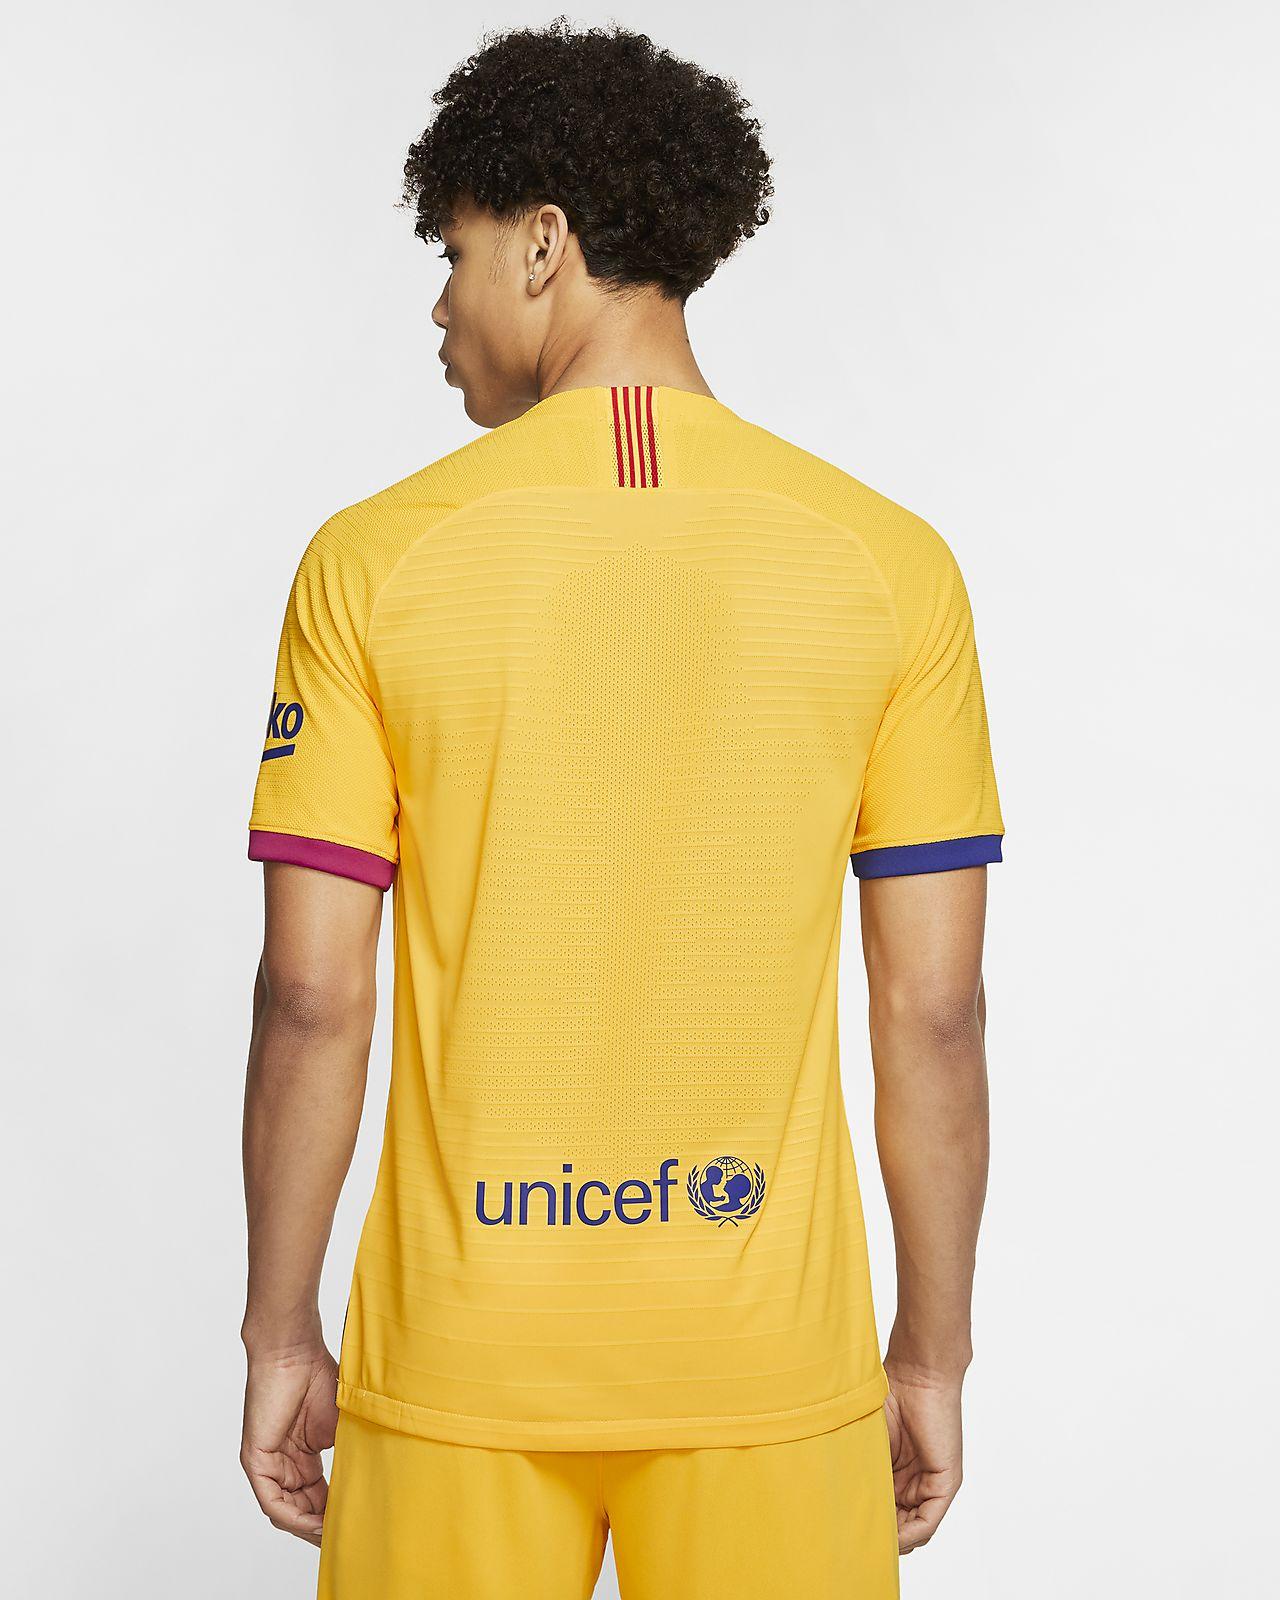 cheaper f76ac 0740c FC Barcelona 2019/20 Vapor Match Away Men's Soccer Jersey